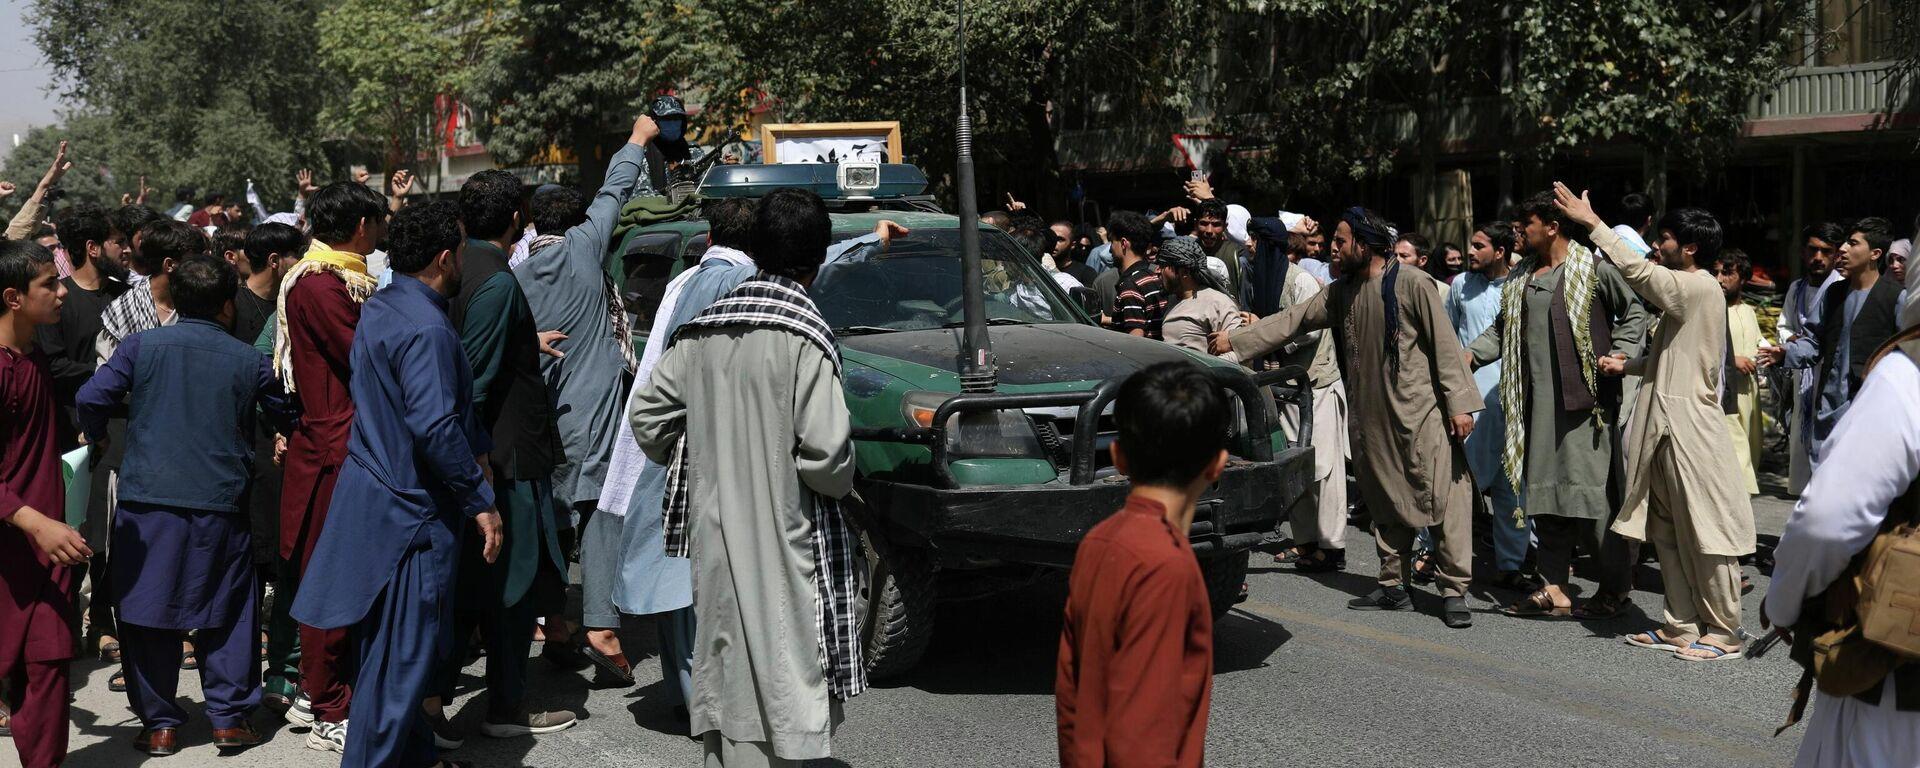 Протестующие в Кабуле окружили автомобиль с флагом движения Талибан (запрещено в РФ) - Sputnik Латвия, 1920, 07.09.2021